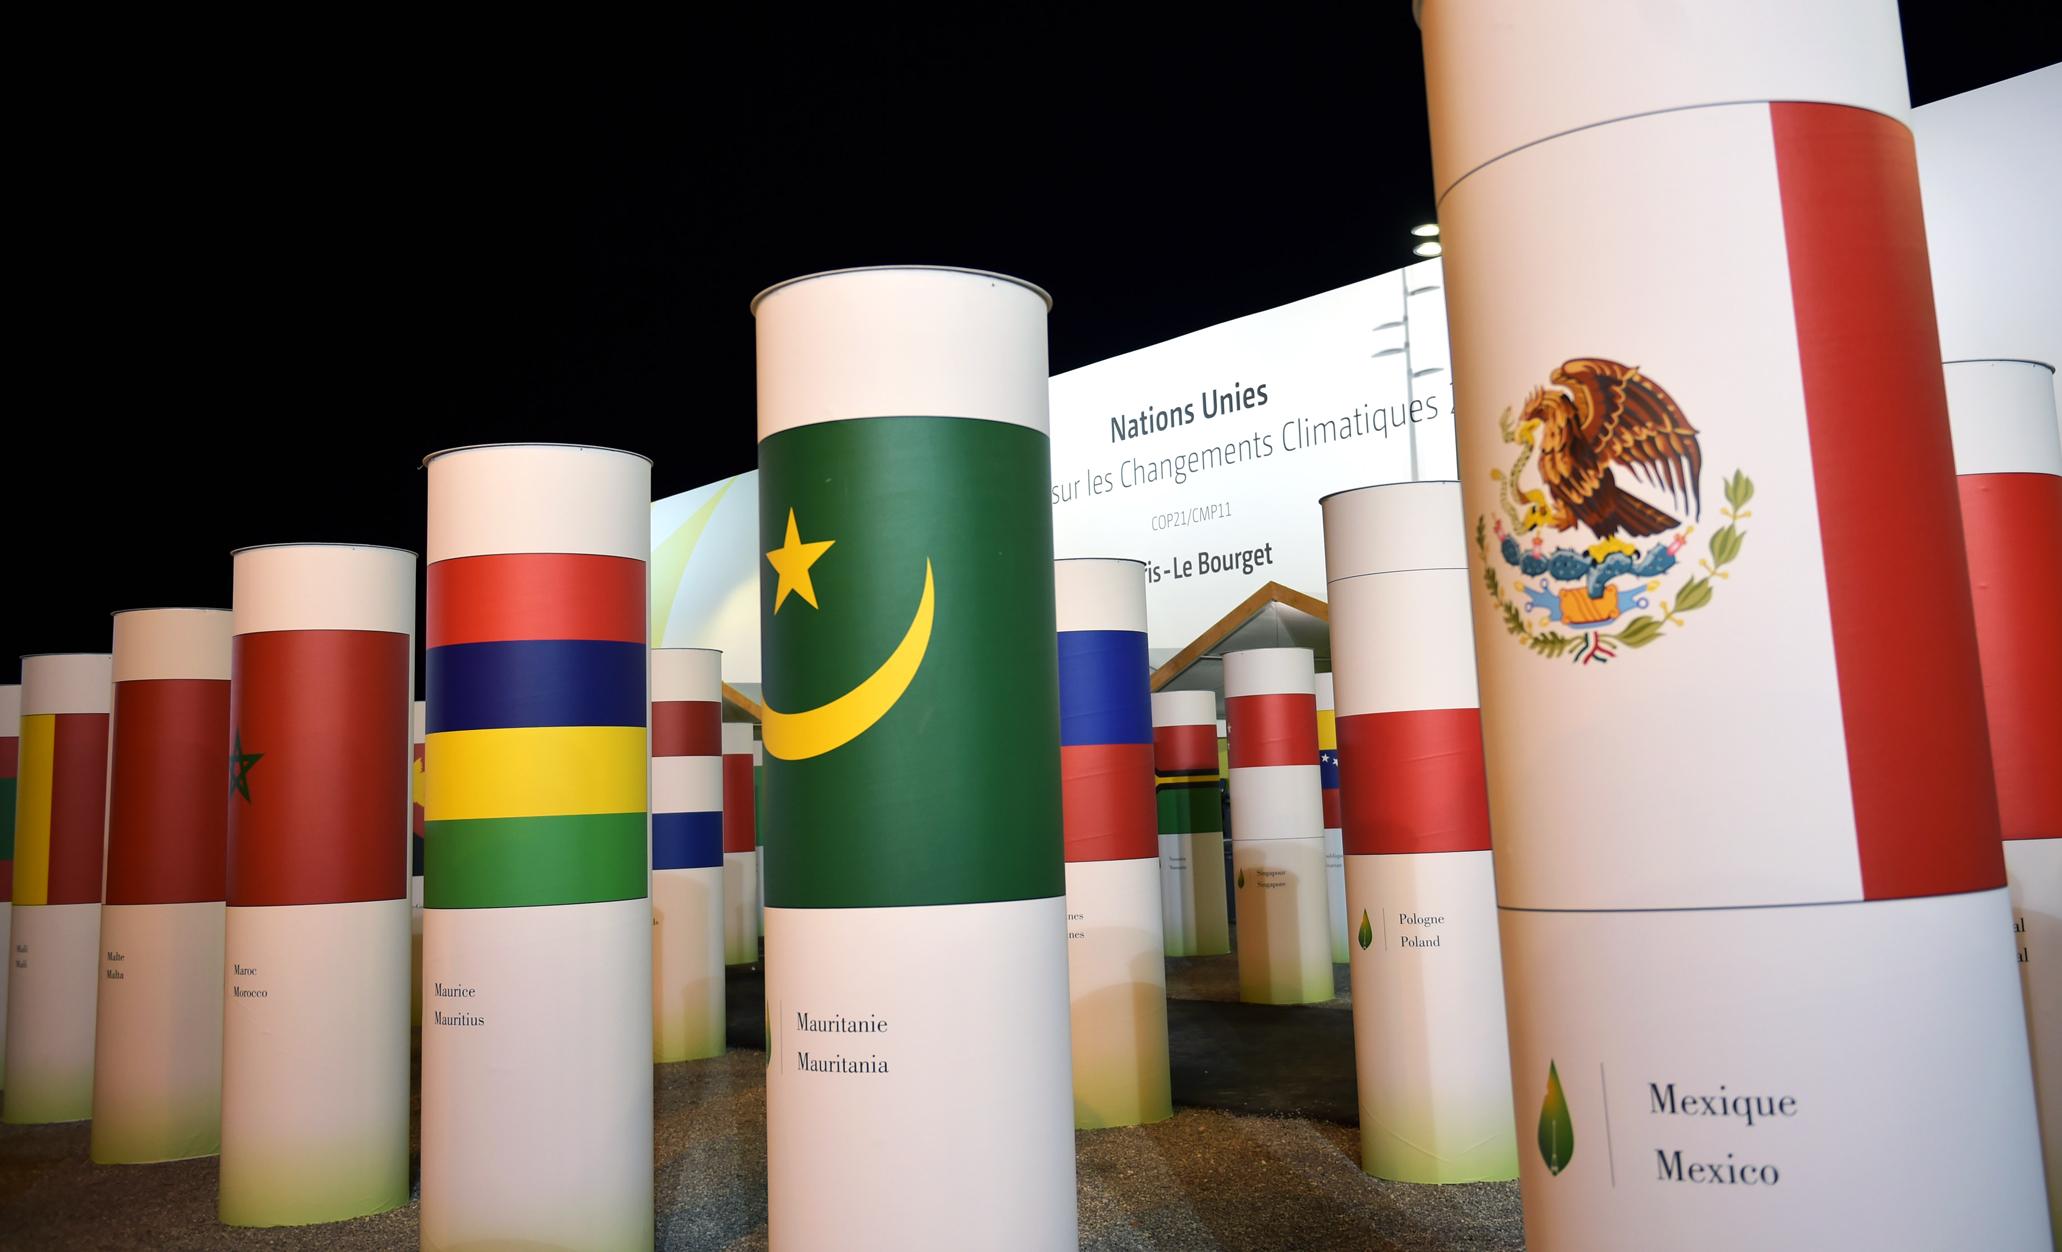 México en la #COP21 #MéxicoGlobal (Foto: Presidencia de la República)